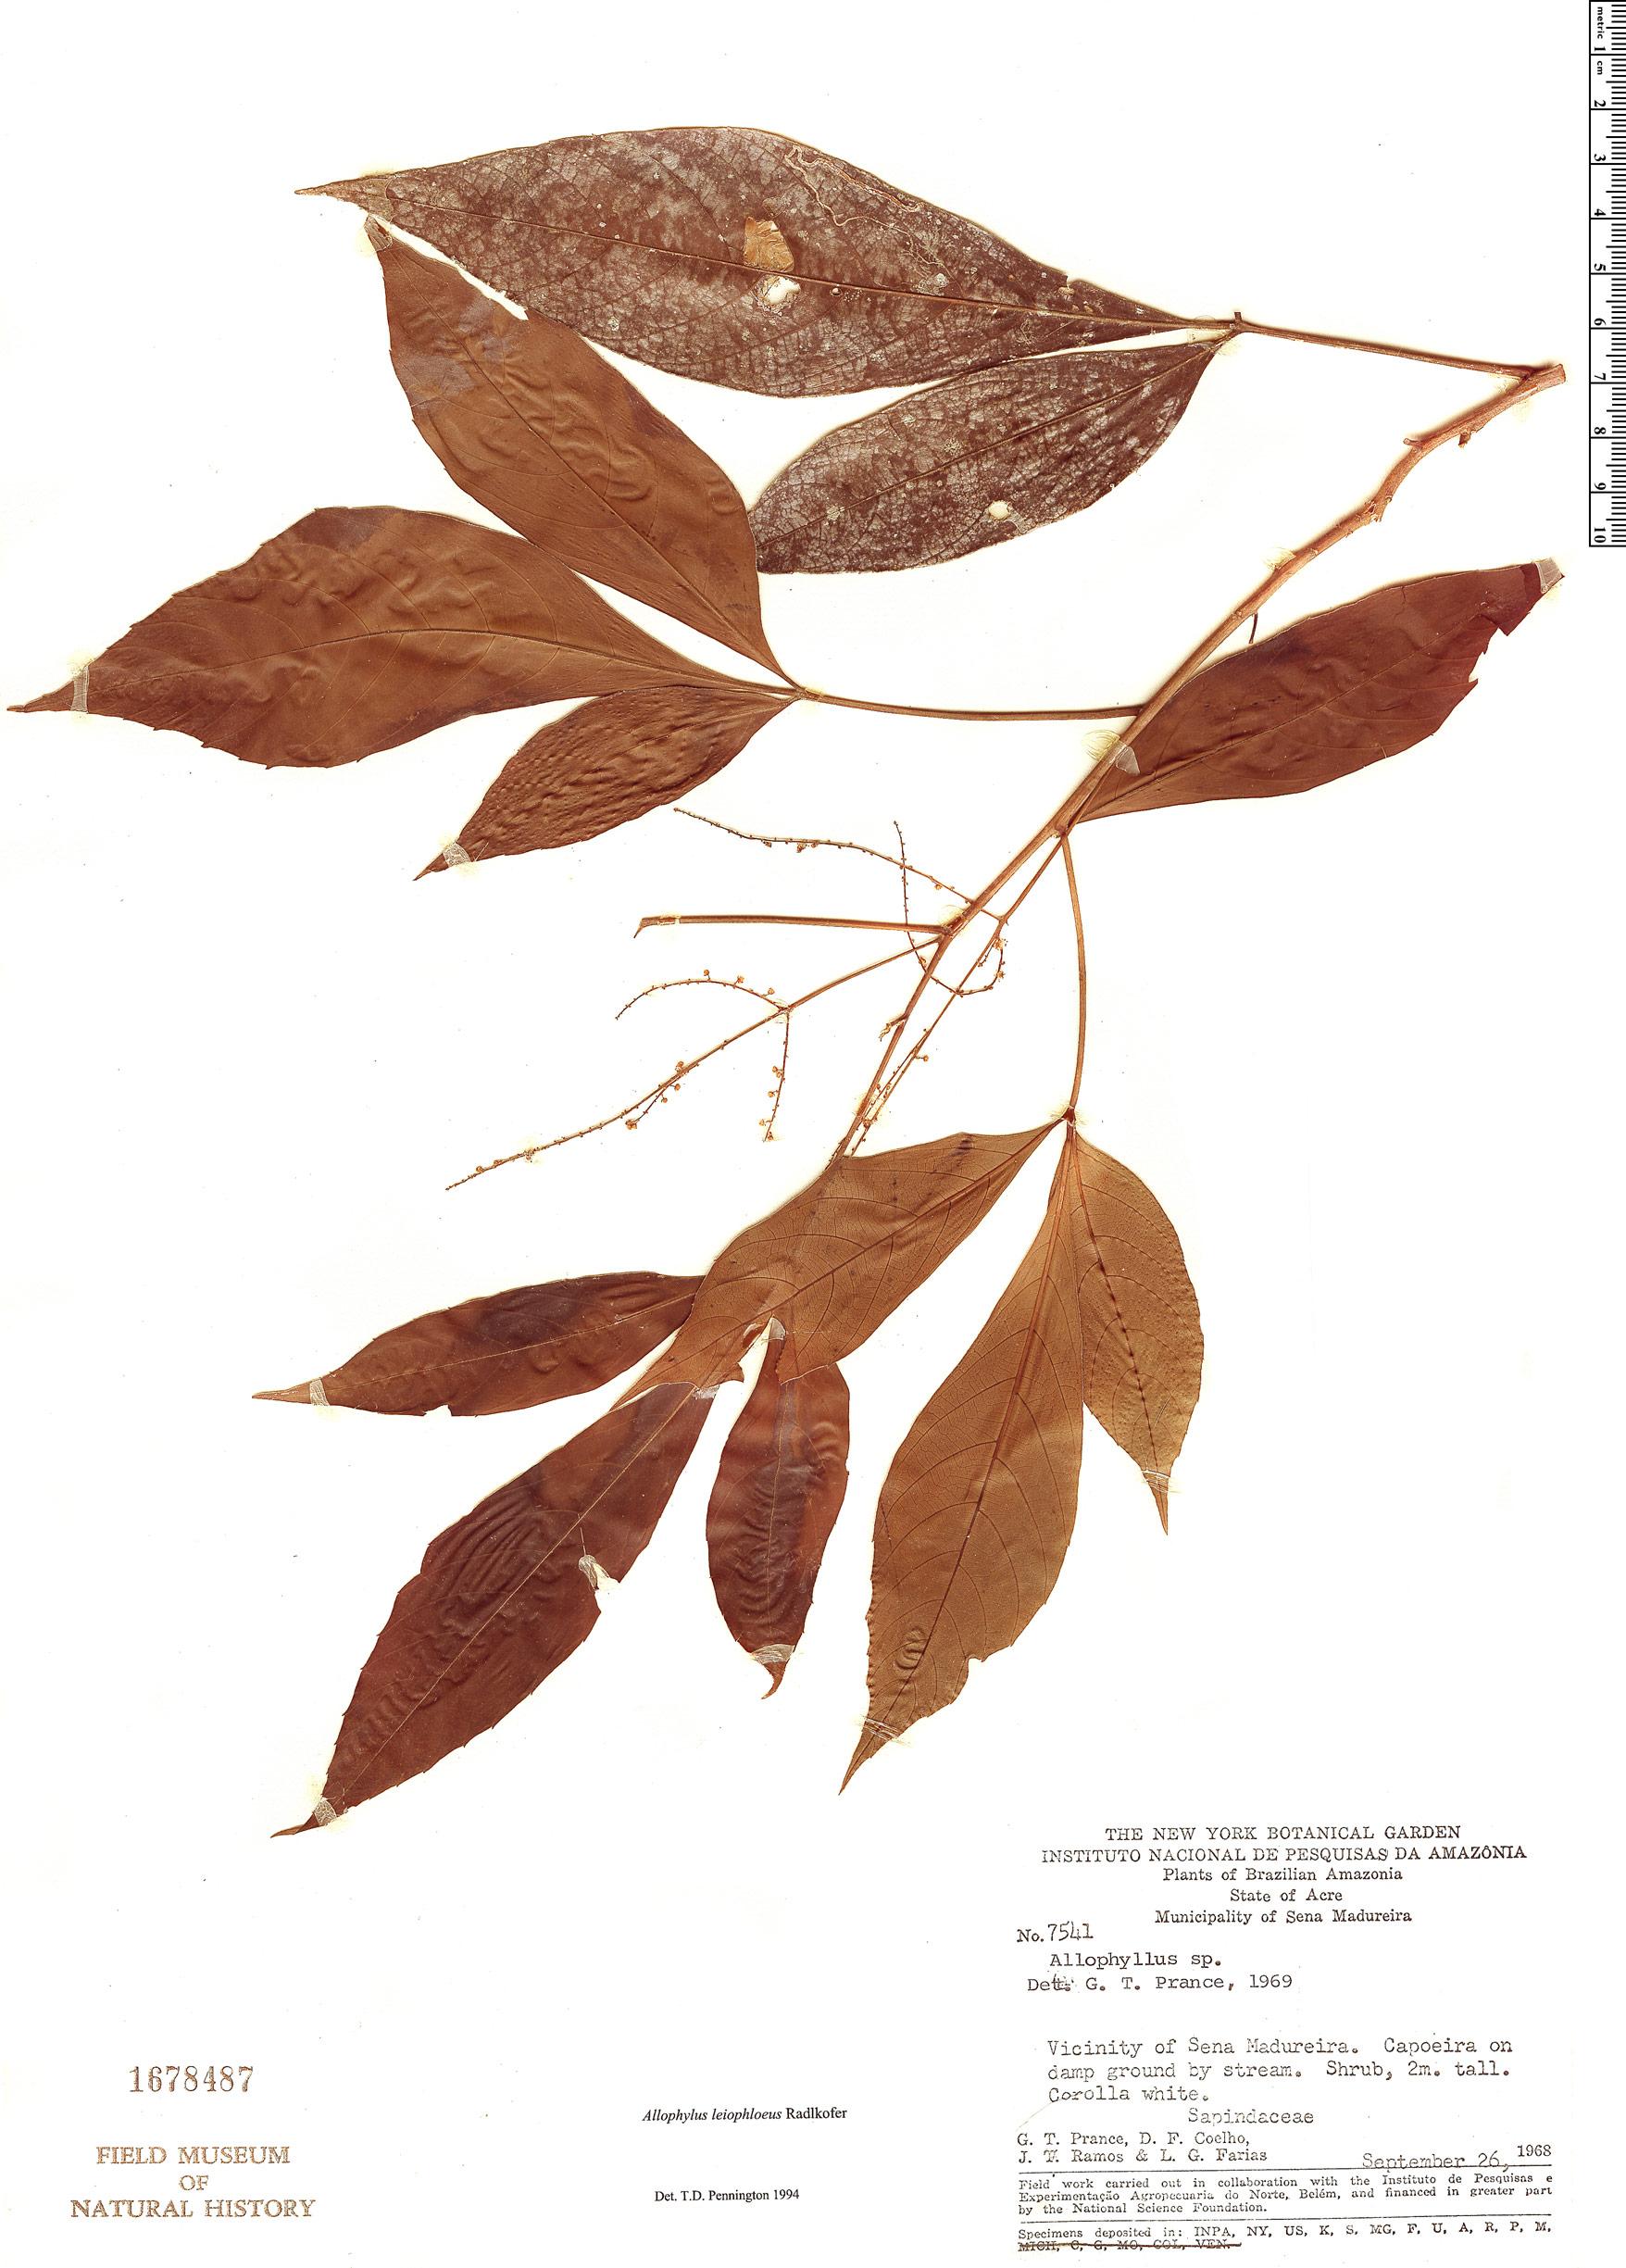 Specimen: Allophylus leiophloeus